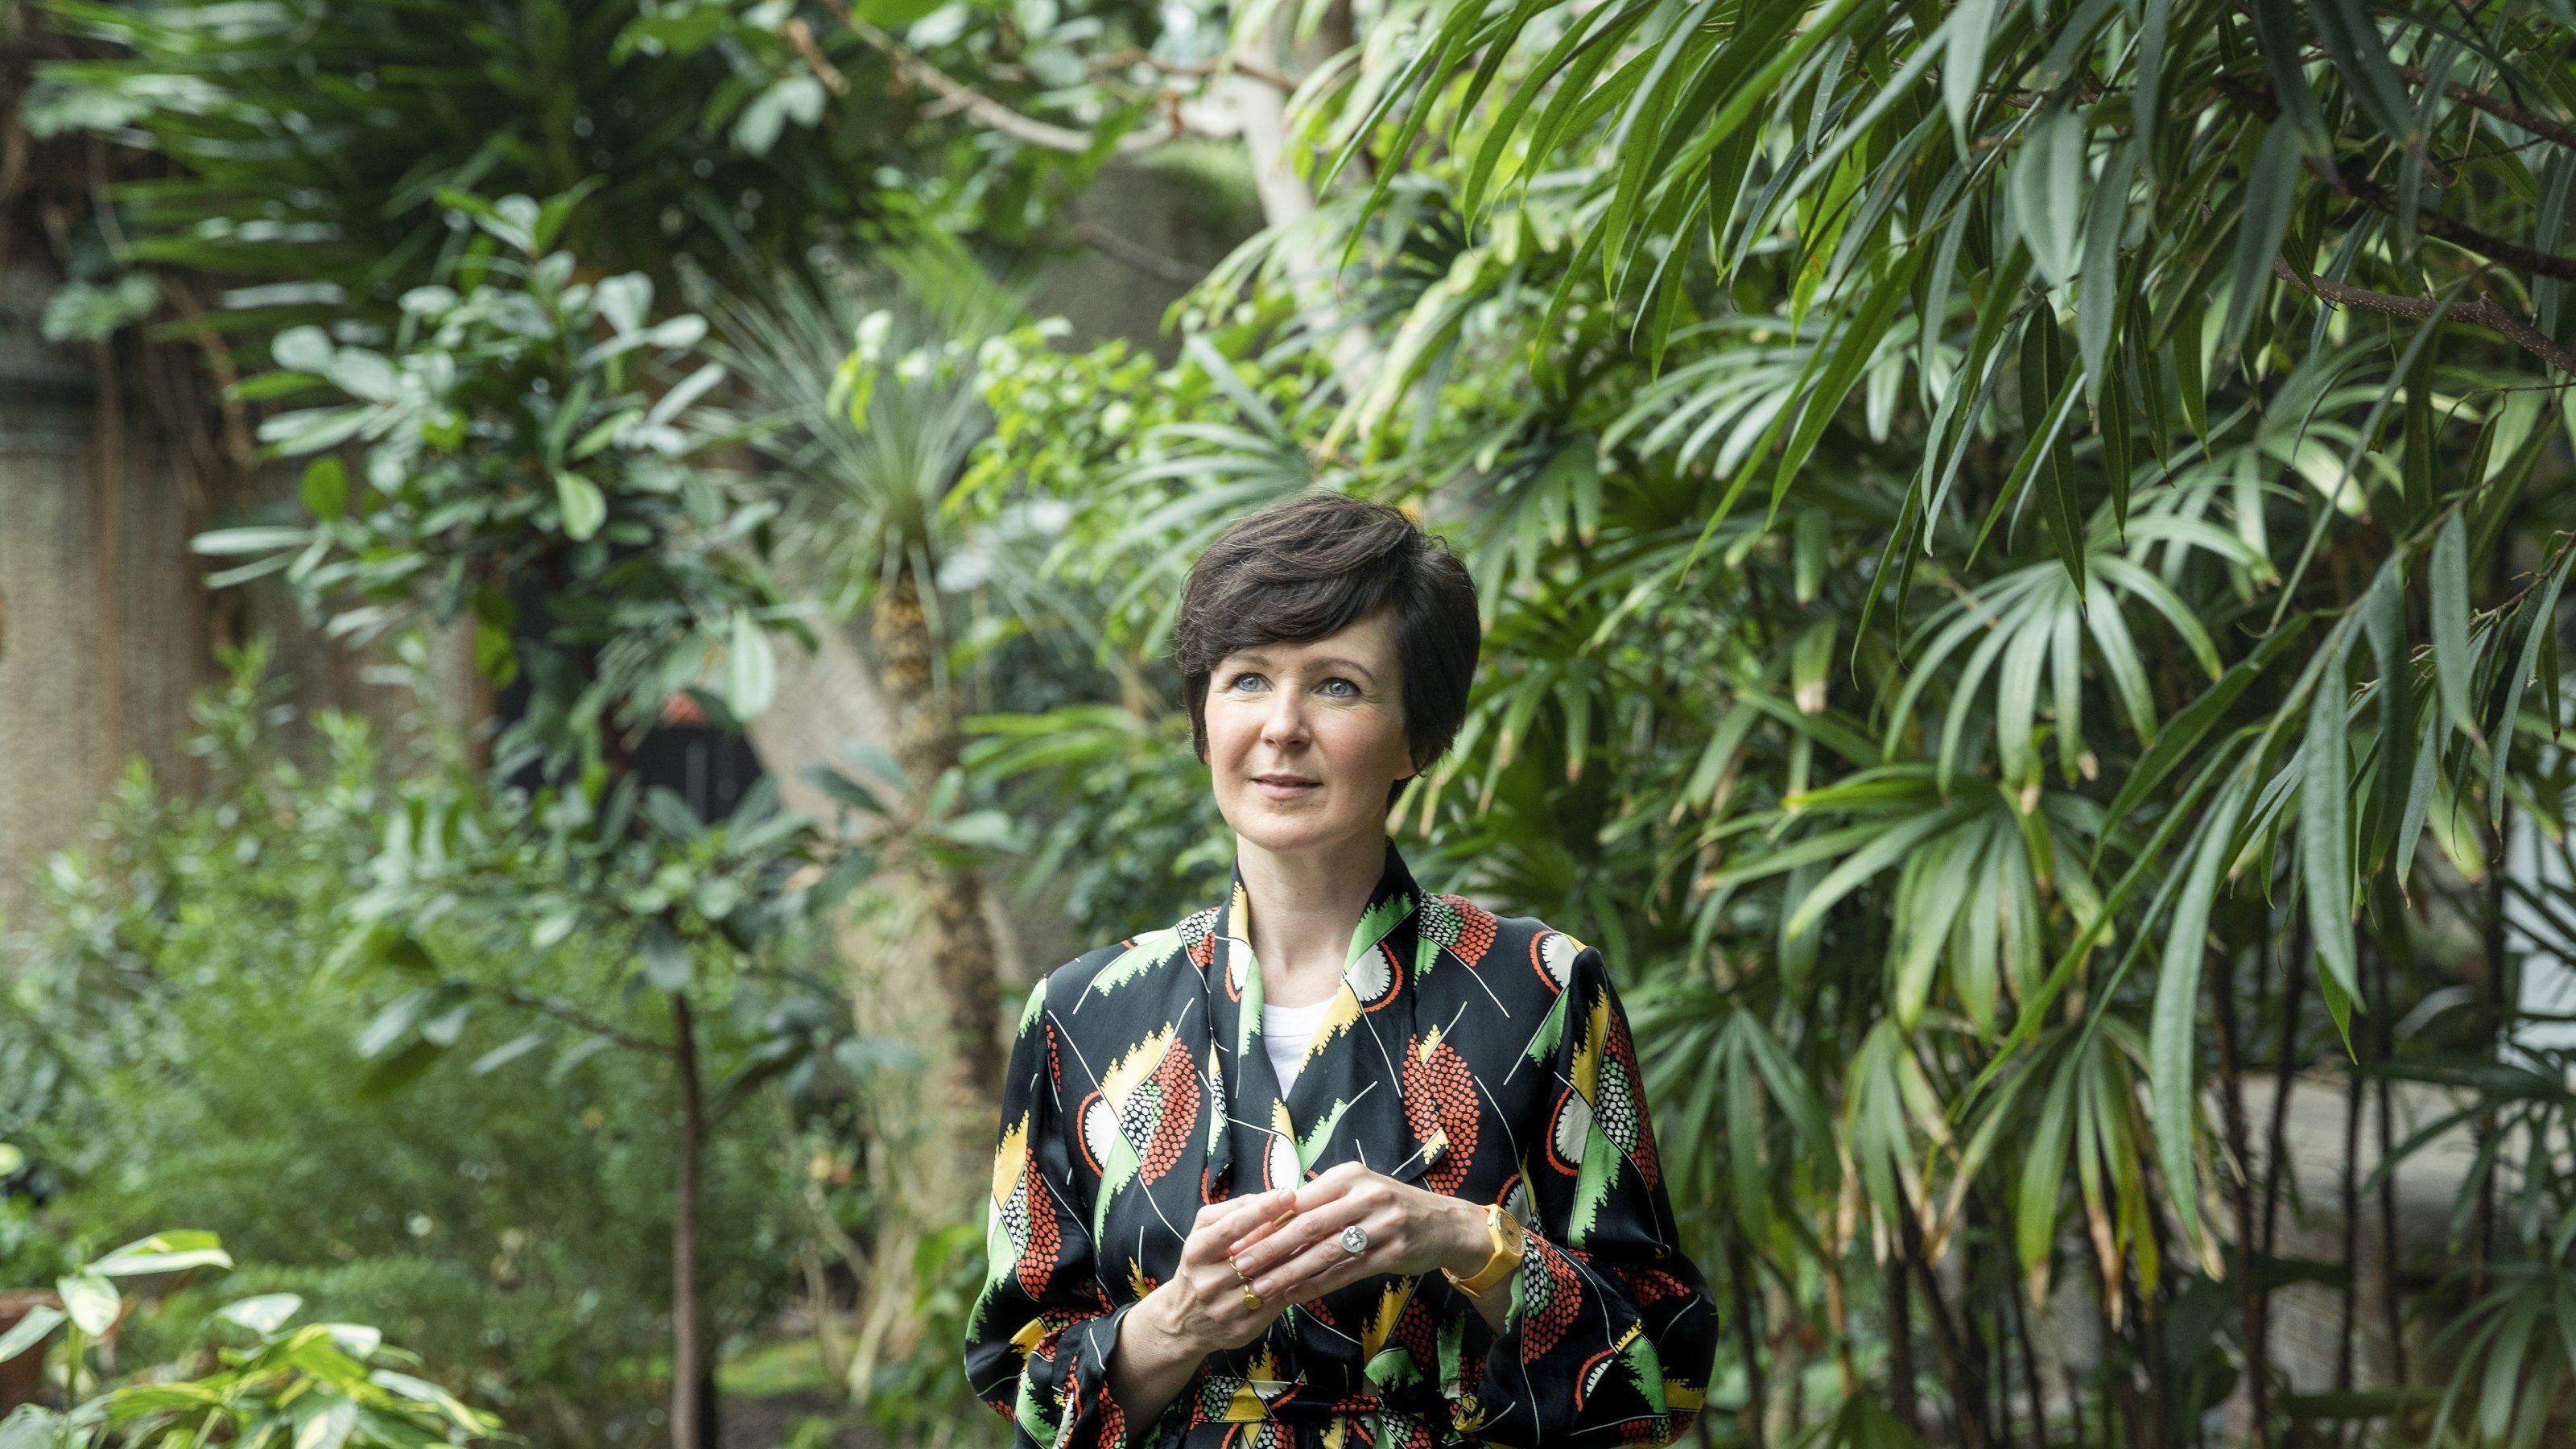 Foto von Olivia Laing. Eine Frau mit dunklen, halblangen Haaren steht vor einer großen Grünpflanze.